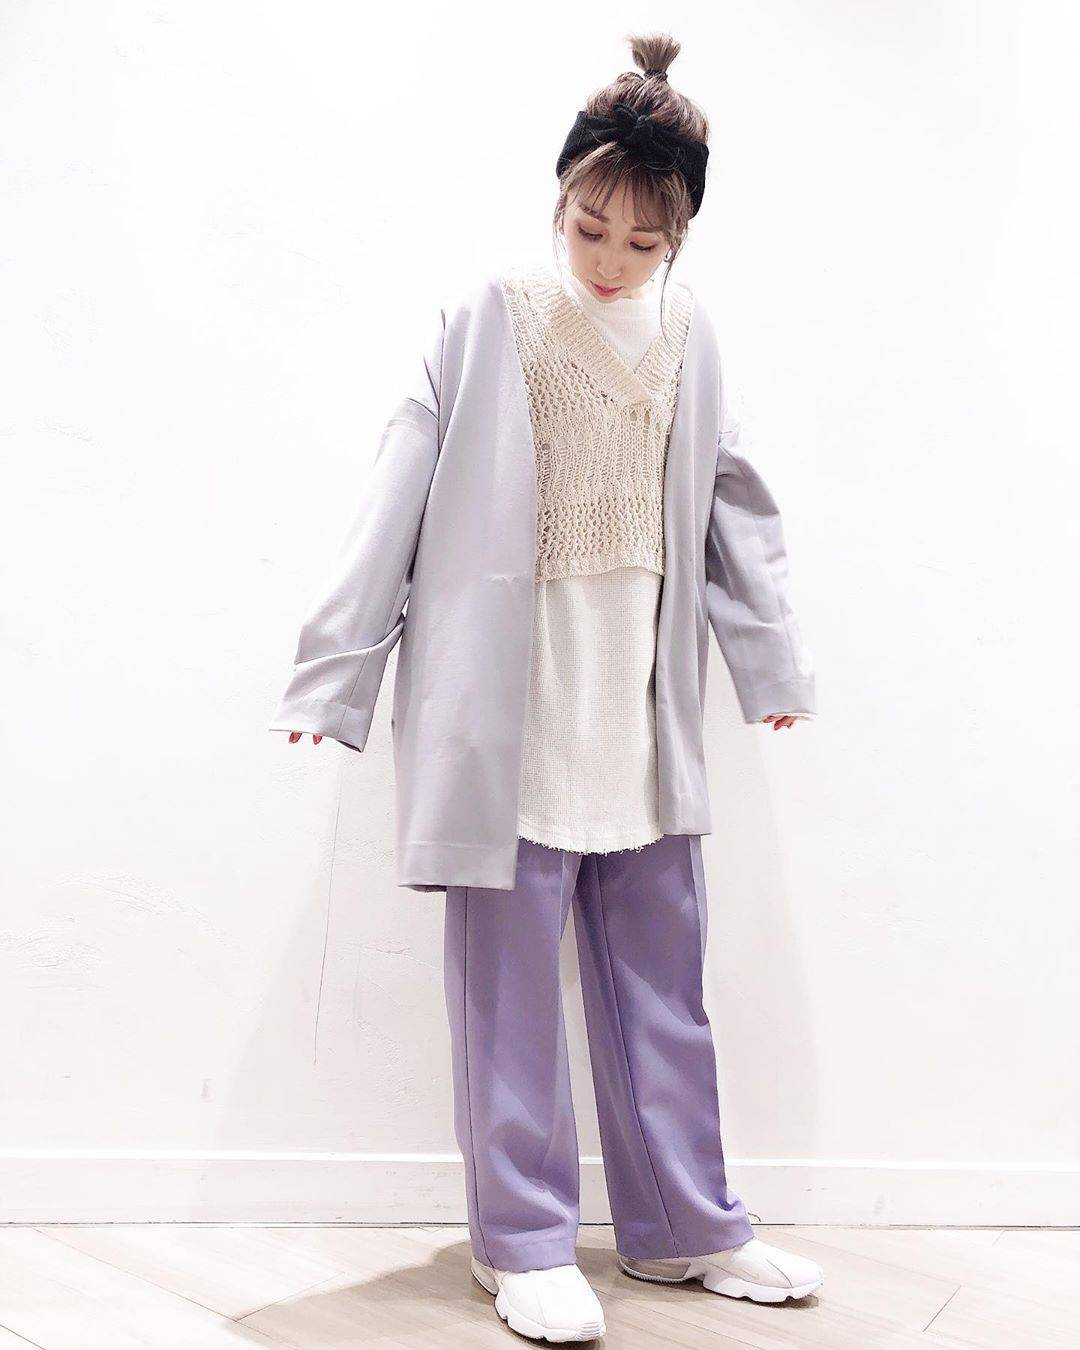 最高気温12度・最低気温0度 akaririri_1022の服装